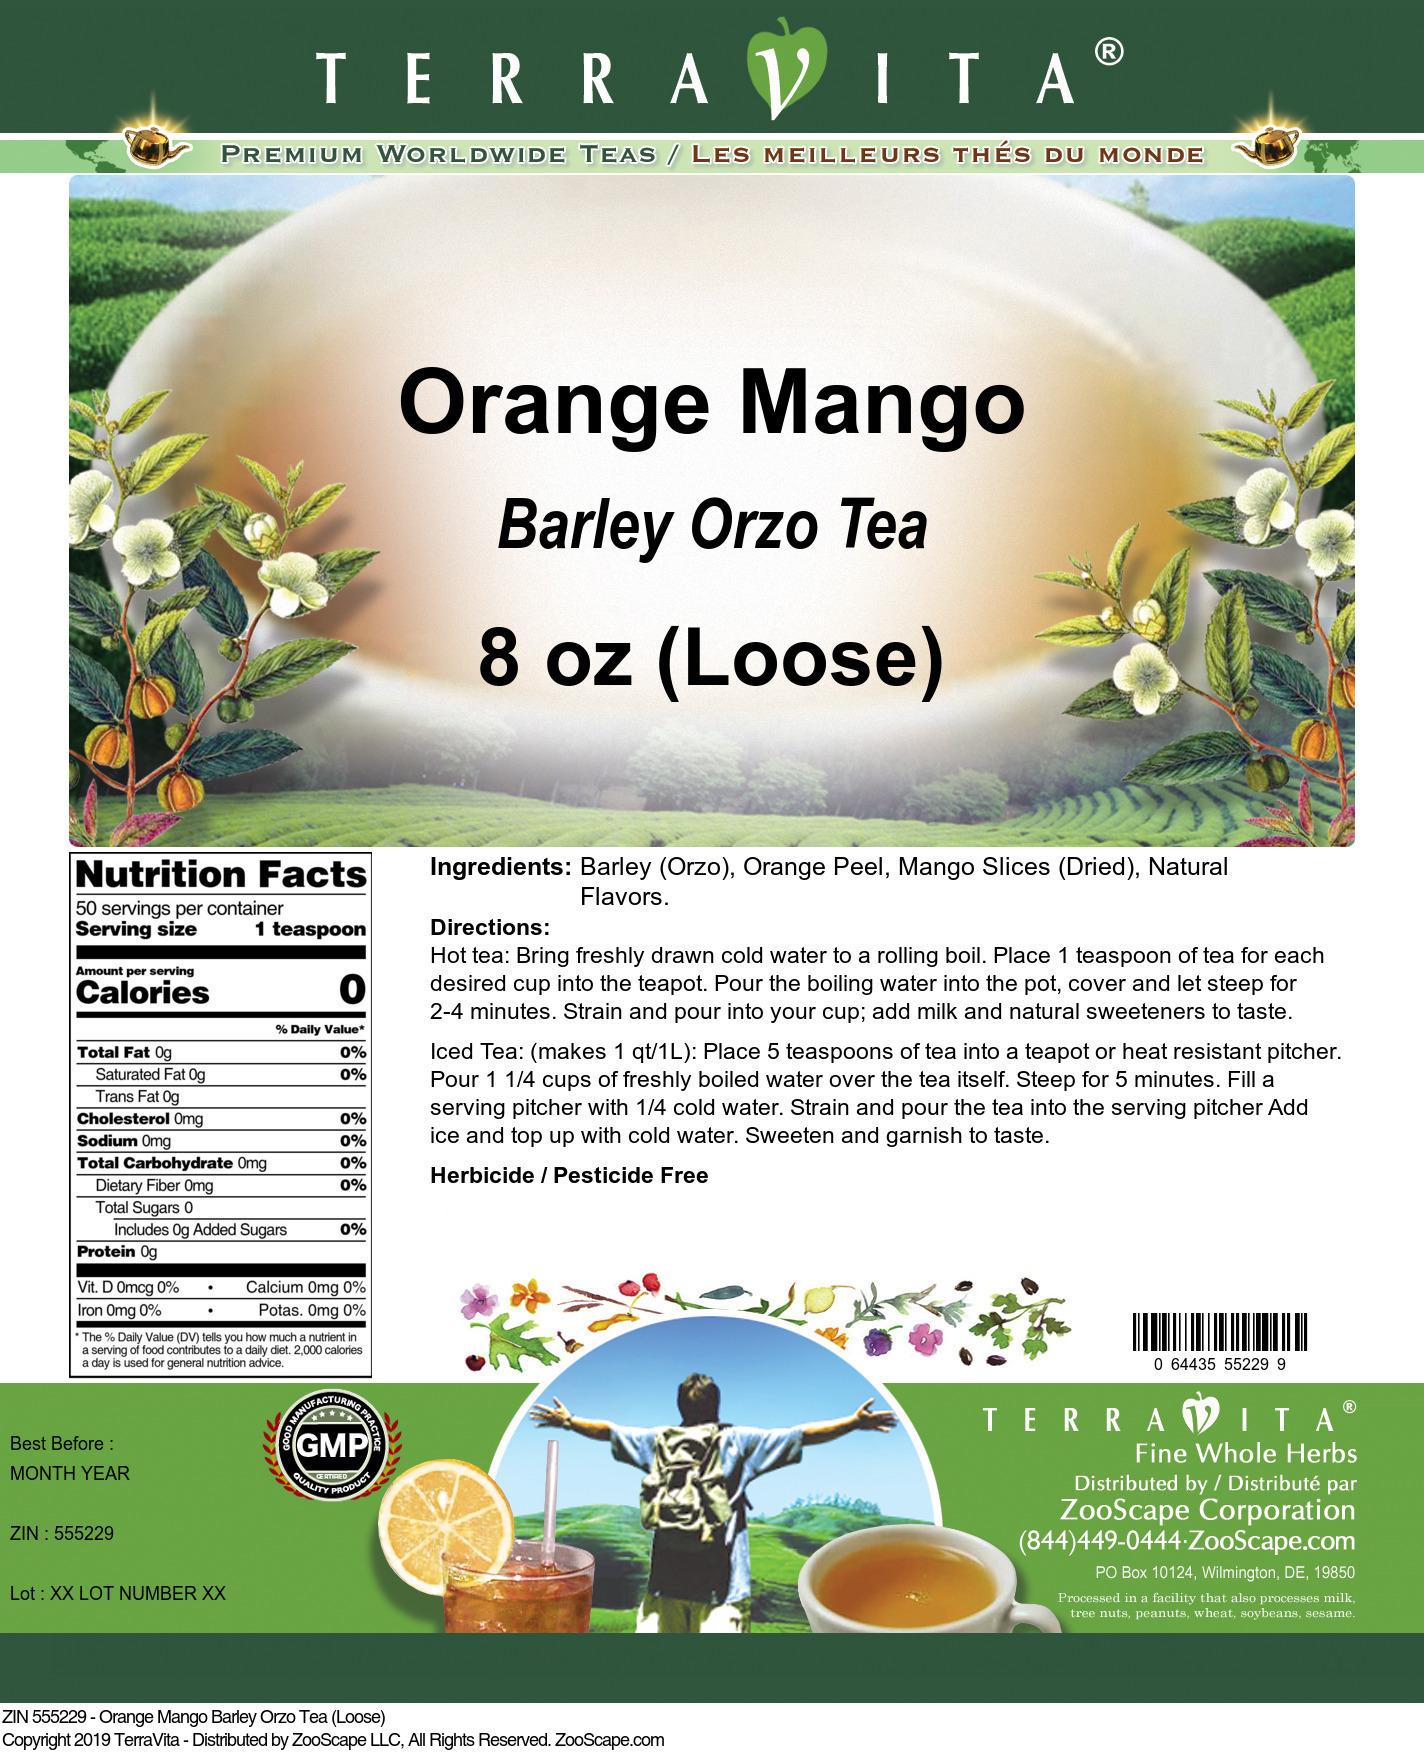 Orange Mango Barley Orzo